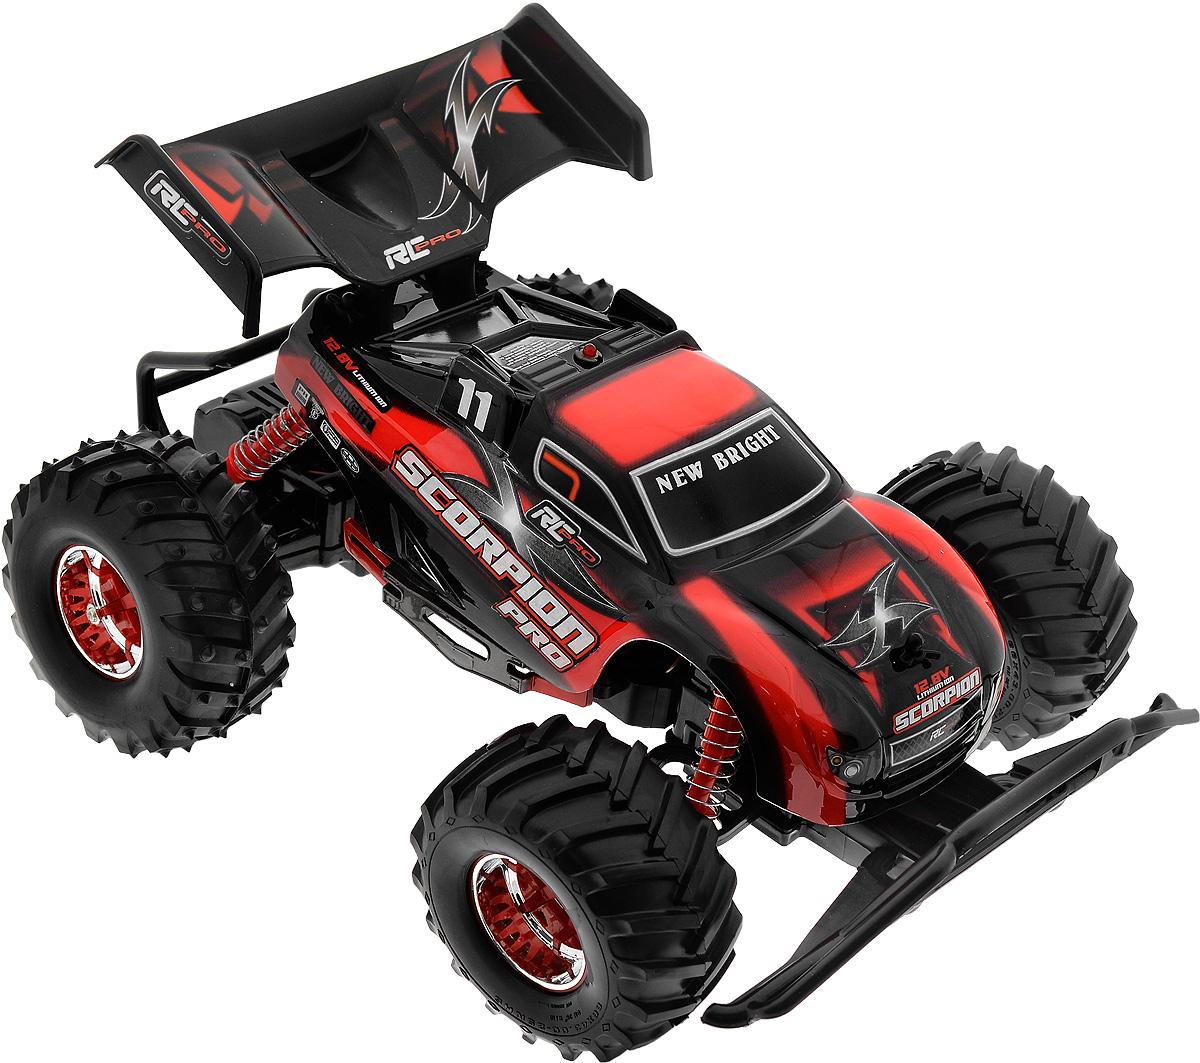 New Bright Радиоуправляемая модель Scorpion цвет красный масштаб 1:1081020_красныйМашина на радиоуправлении New Bright Scorpion изготовлена из пластика с металлическими элементами. Большие прорезиненные колеса игрушки обеспечивают плавный ход. Юные гонщики оценят эту машину за прекрасные технические характеристики и свободу передвижений. Моделью легко управлять и любая гонка принесет удовольствие. Управление машинкой происходит с помощью удобного пульта. На пульте управления расположены 4 кнопки для автоматического выбора частоты управления. Автомобиль двигается вперед-назад, влево-вправо. Радиоуправляемые игрушки способствуют развитию координации движений, моторики и ловкости. Ваш ребенок часами будет играть с моделью, придумывая различные истории и устраивая соревнования. Машина работает от сменного аккумулятора (входит в комплект). Зарядка осуществляется при помощи зарядного устройства (входит в комплект). Для работы пульта управления необходимы 2 батарейки типа АА (входят в комплект).